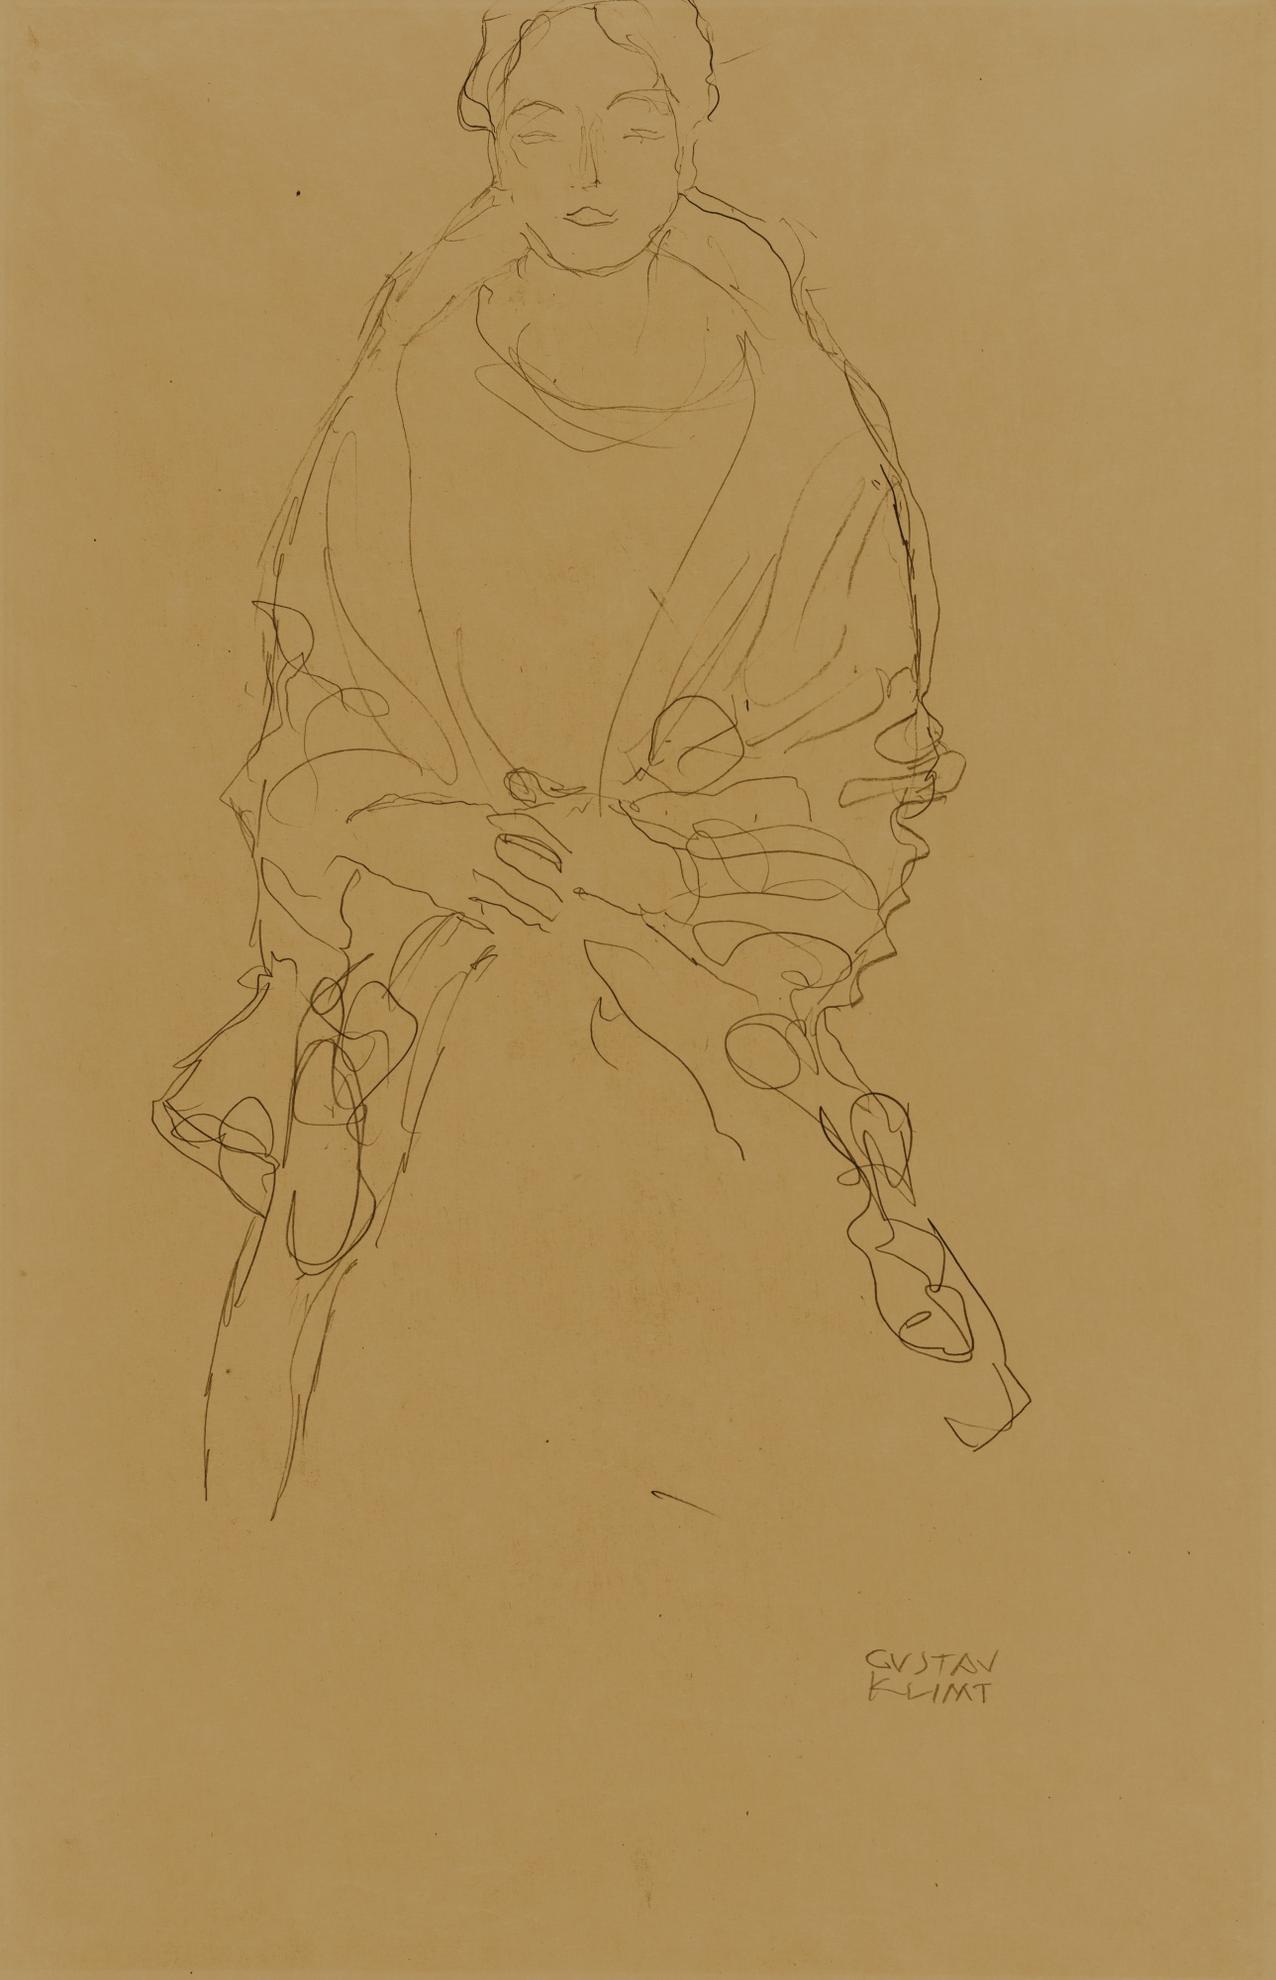 Gustav Klimt-Sitzende Von Vorne, Die Hande Ineinander Gelegt (Studie Zum Bildnis Fraulein Lieser) (Seated Woman With Cupped Hands Seen From The Front (Study For The Portrait Of Miss Lieser))-1918